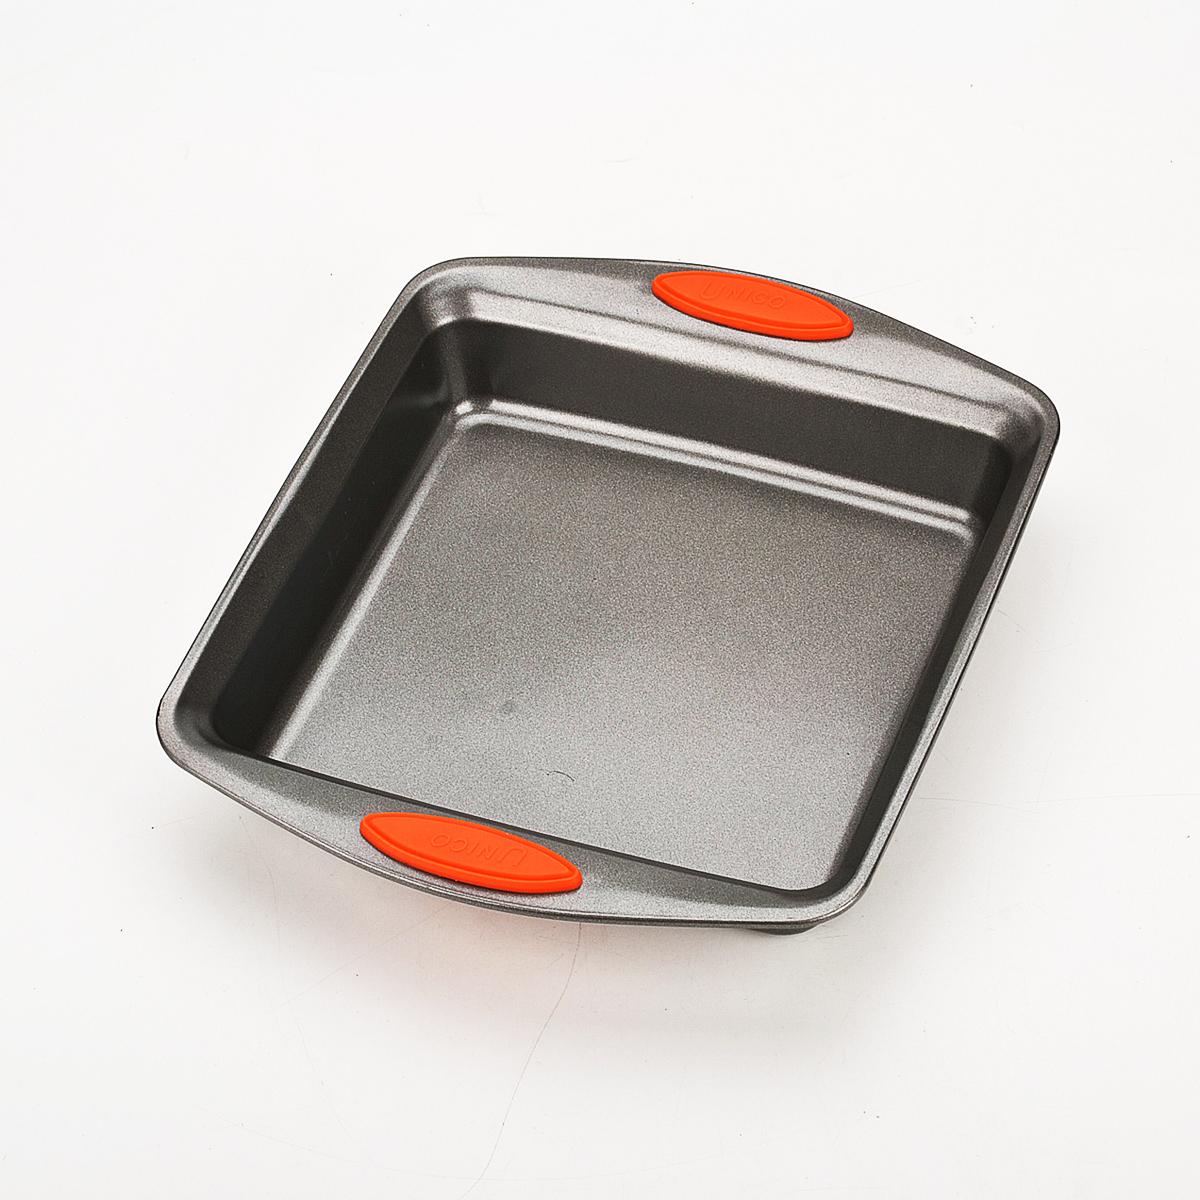 Форма для пирога Mayer & Boch, квадратная, цвет: черный, 31 х 25,8 см 40954095Квадратная форма для пирога Mayer & Boch изготовлена из углеродистой стали. Сталь не содержит вредных примесей ПФОК, что способствует здоровому и экологичному приготовлению пищи. Форма идеально подходит для приготовления пирогов и других блюд. Выдерживает температуру до +230°C. Изделие имеет ручки с силиконовыми вставками.Форма для запекания Mayer & Boch подходит для приготовления блюд в духовке. Можно мыть в посудомоечной машине. Высота стенки: 5,5 см. Толщина стенки: 2 мм. Толщина дна: 2 мм. Размер формы: 31 см х 25,8 см.